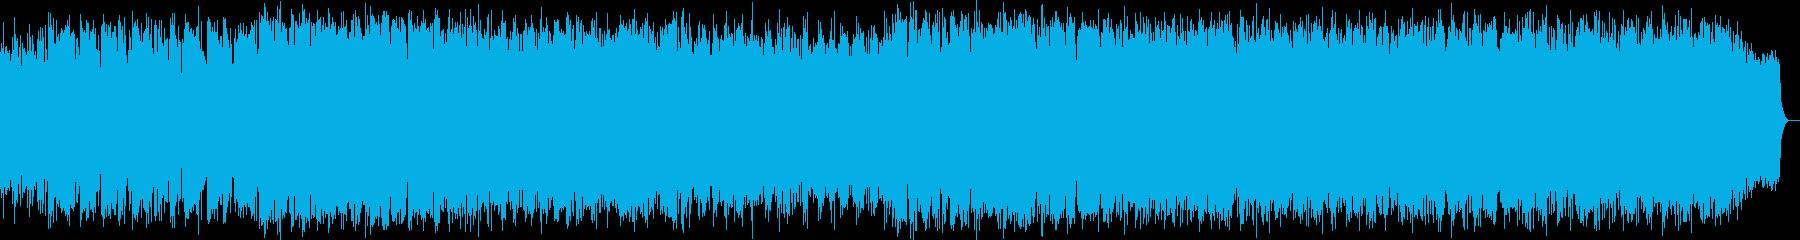 のどかな森のヒーリング音楽の再生済みの波形